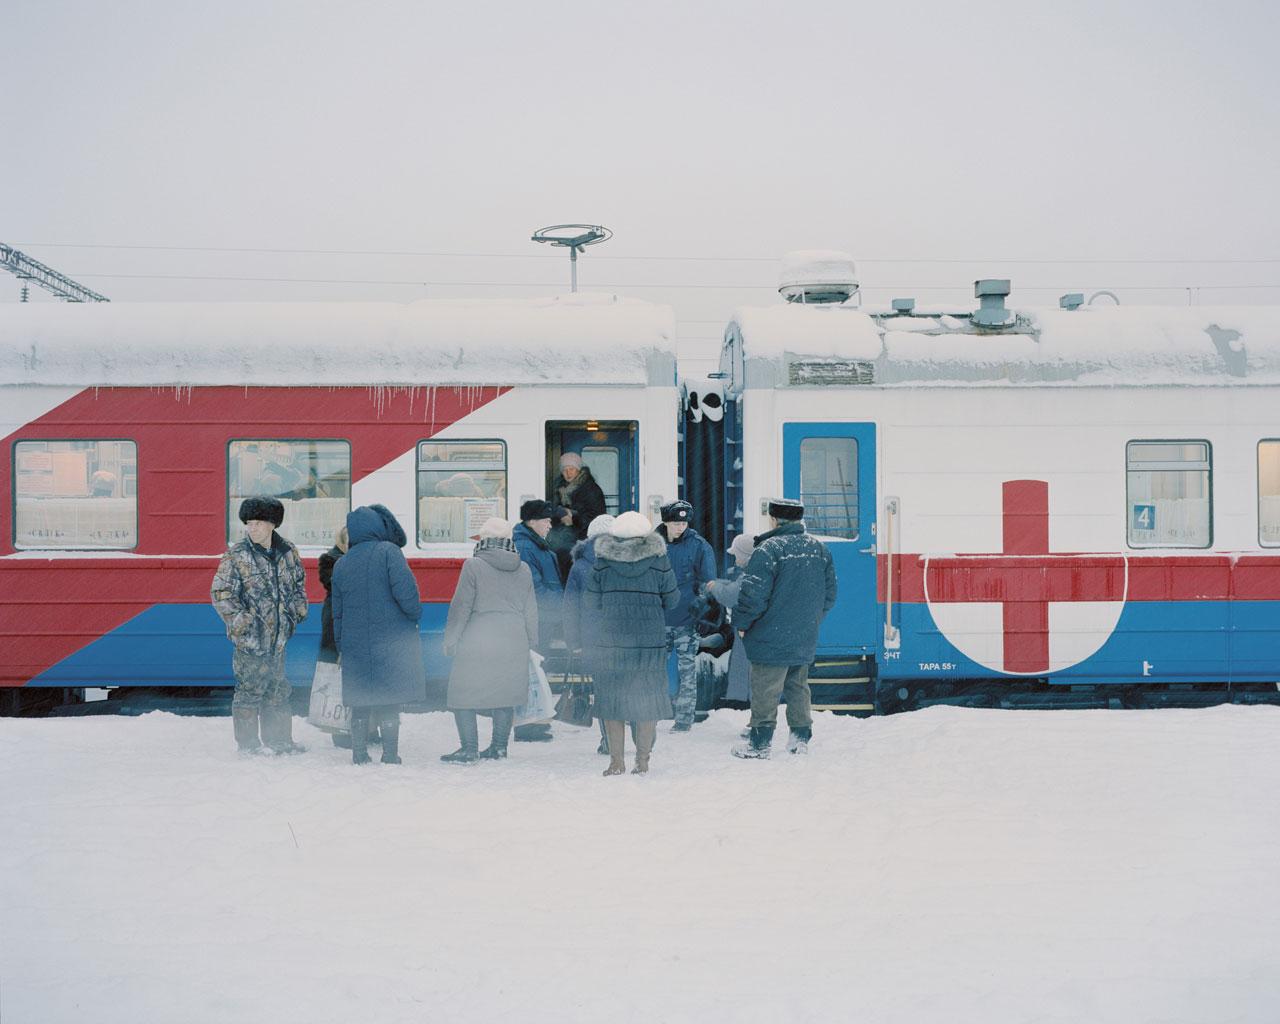 Bei Temperaturen weit unter dem Gefrierpunkt warten Patienten am Eingang des Registrierungswaggons. Kuragino, Krasnoyarsk Krai, Russland, 2016.